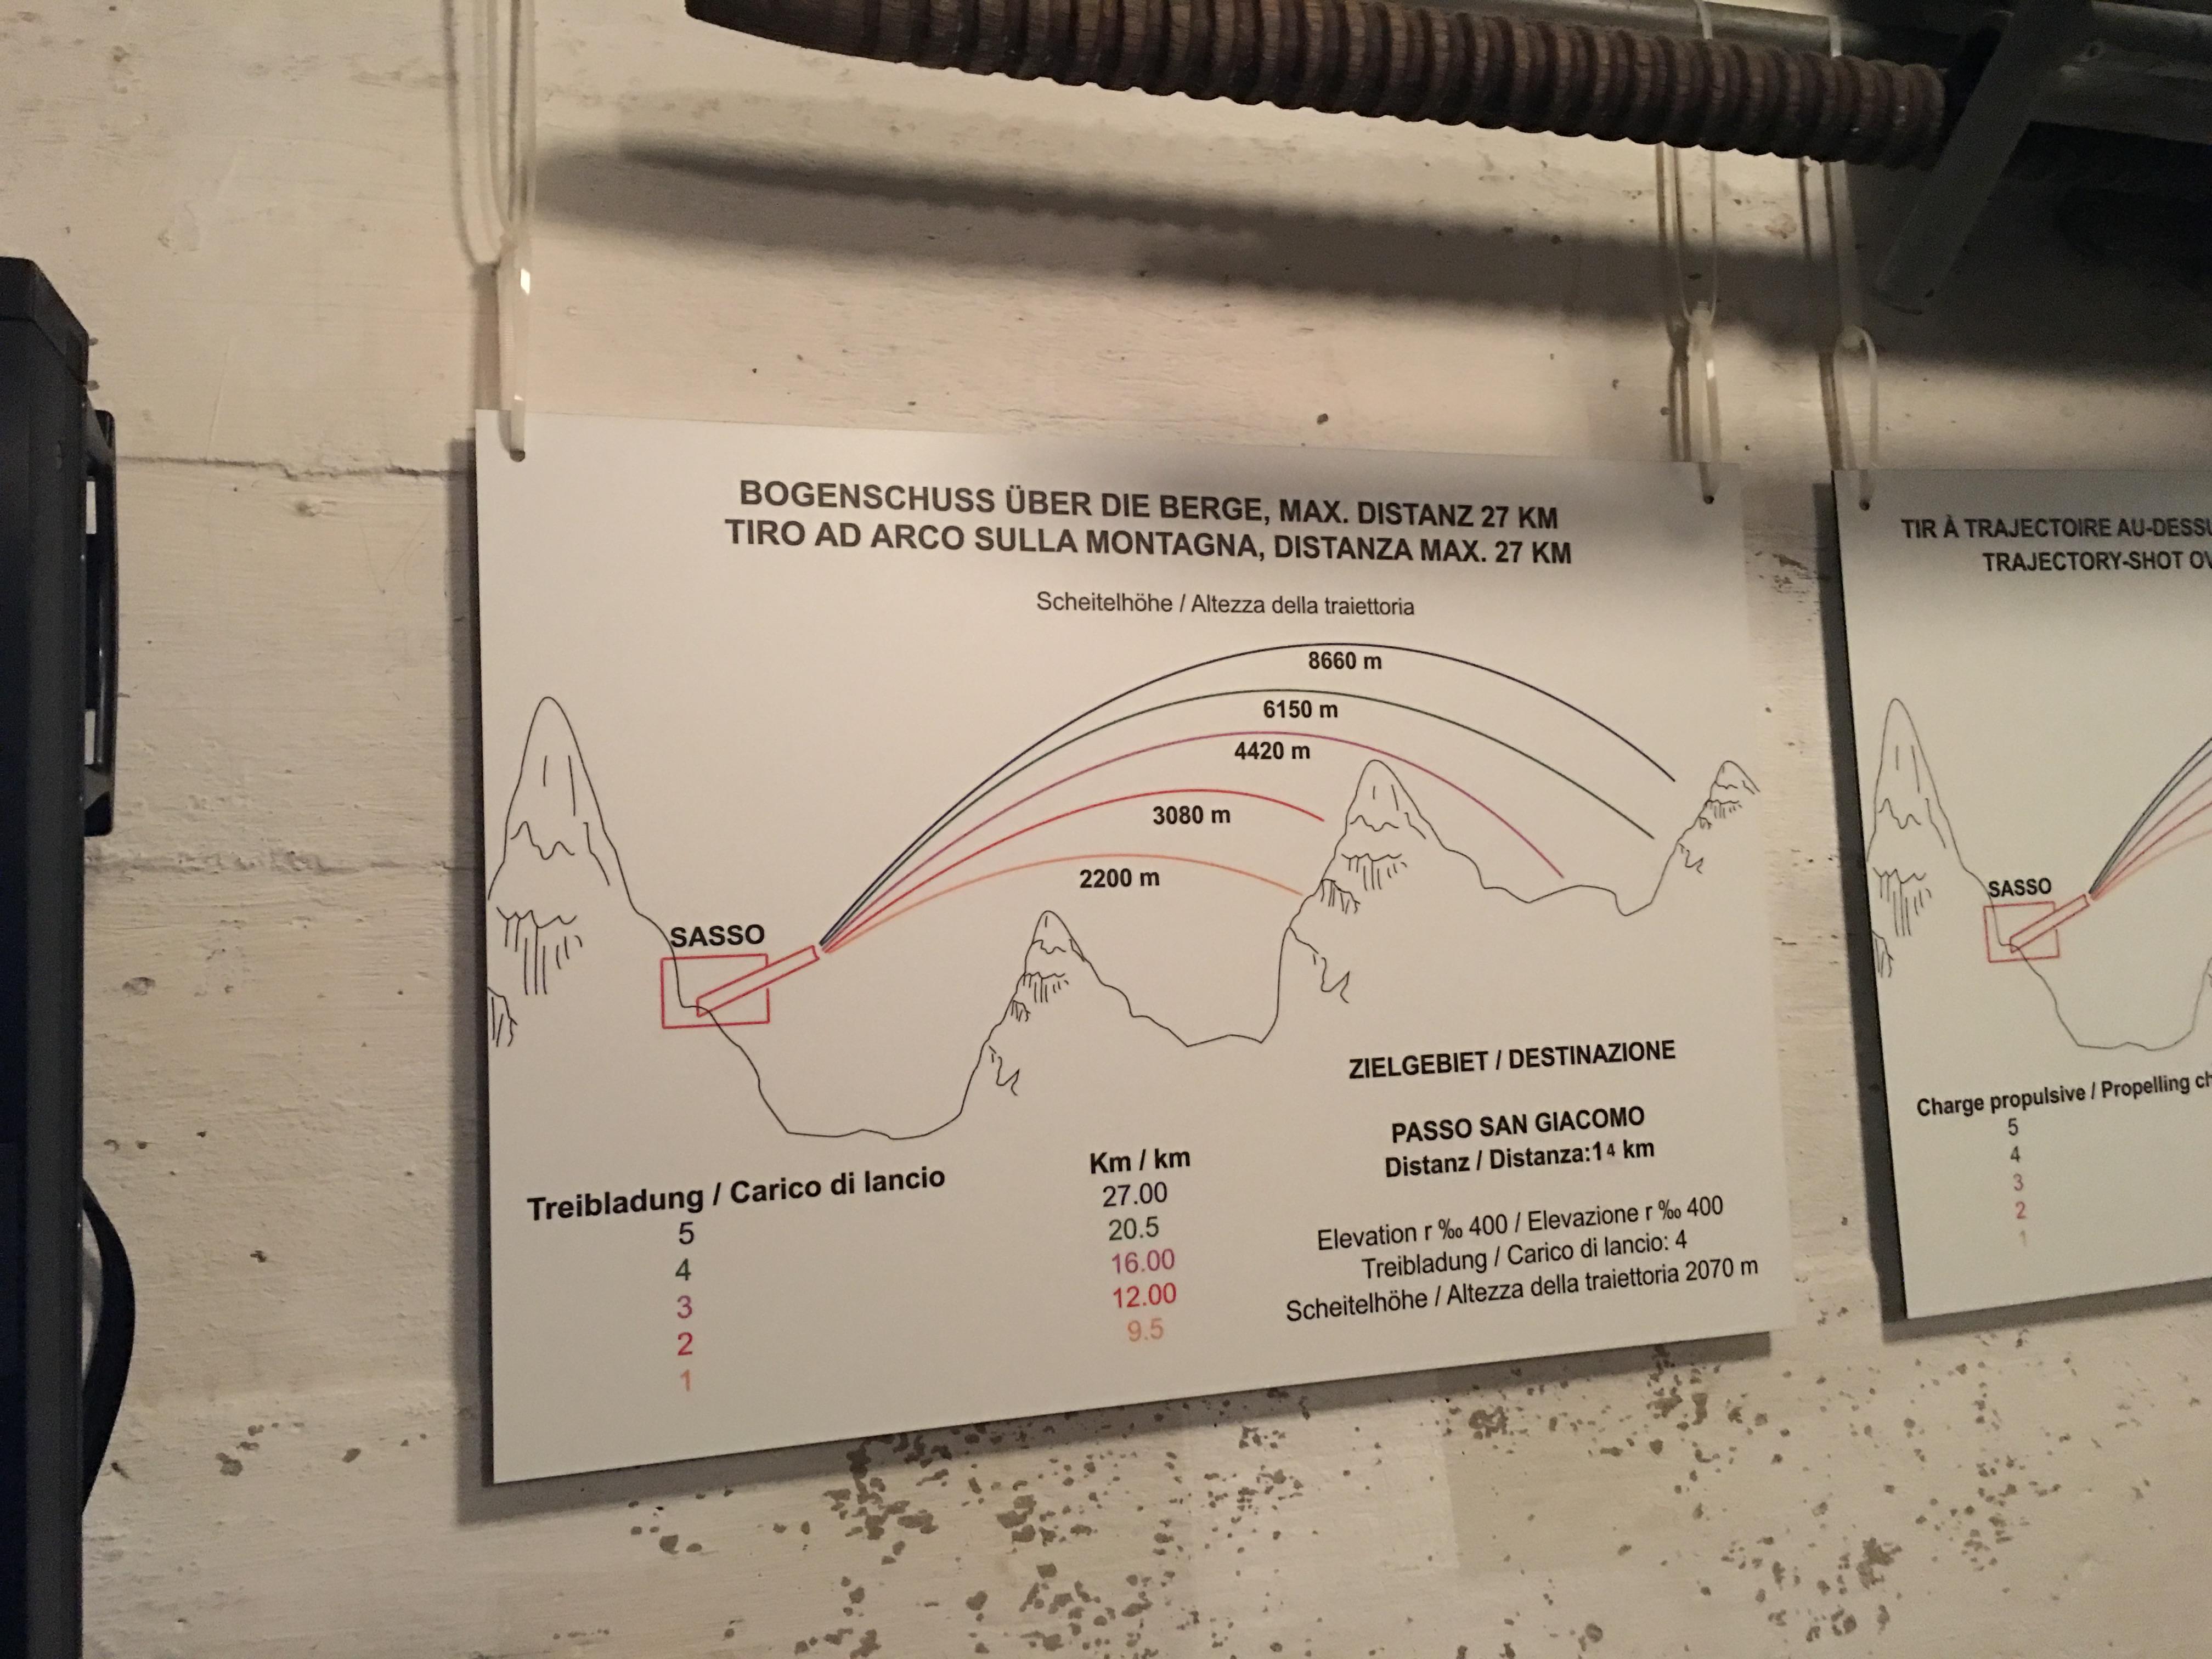 Die Berechnung der Distanz war anspruchsvoll. Verschiedenen Treibladungen und Geschützwinkel waren die Hauptparameter - aber auch die Wetterbedingungen spielten eine Rolle.